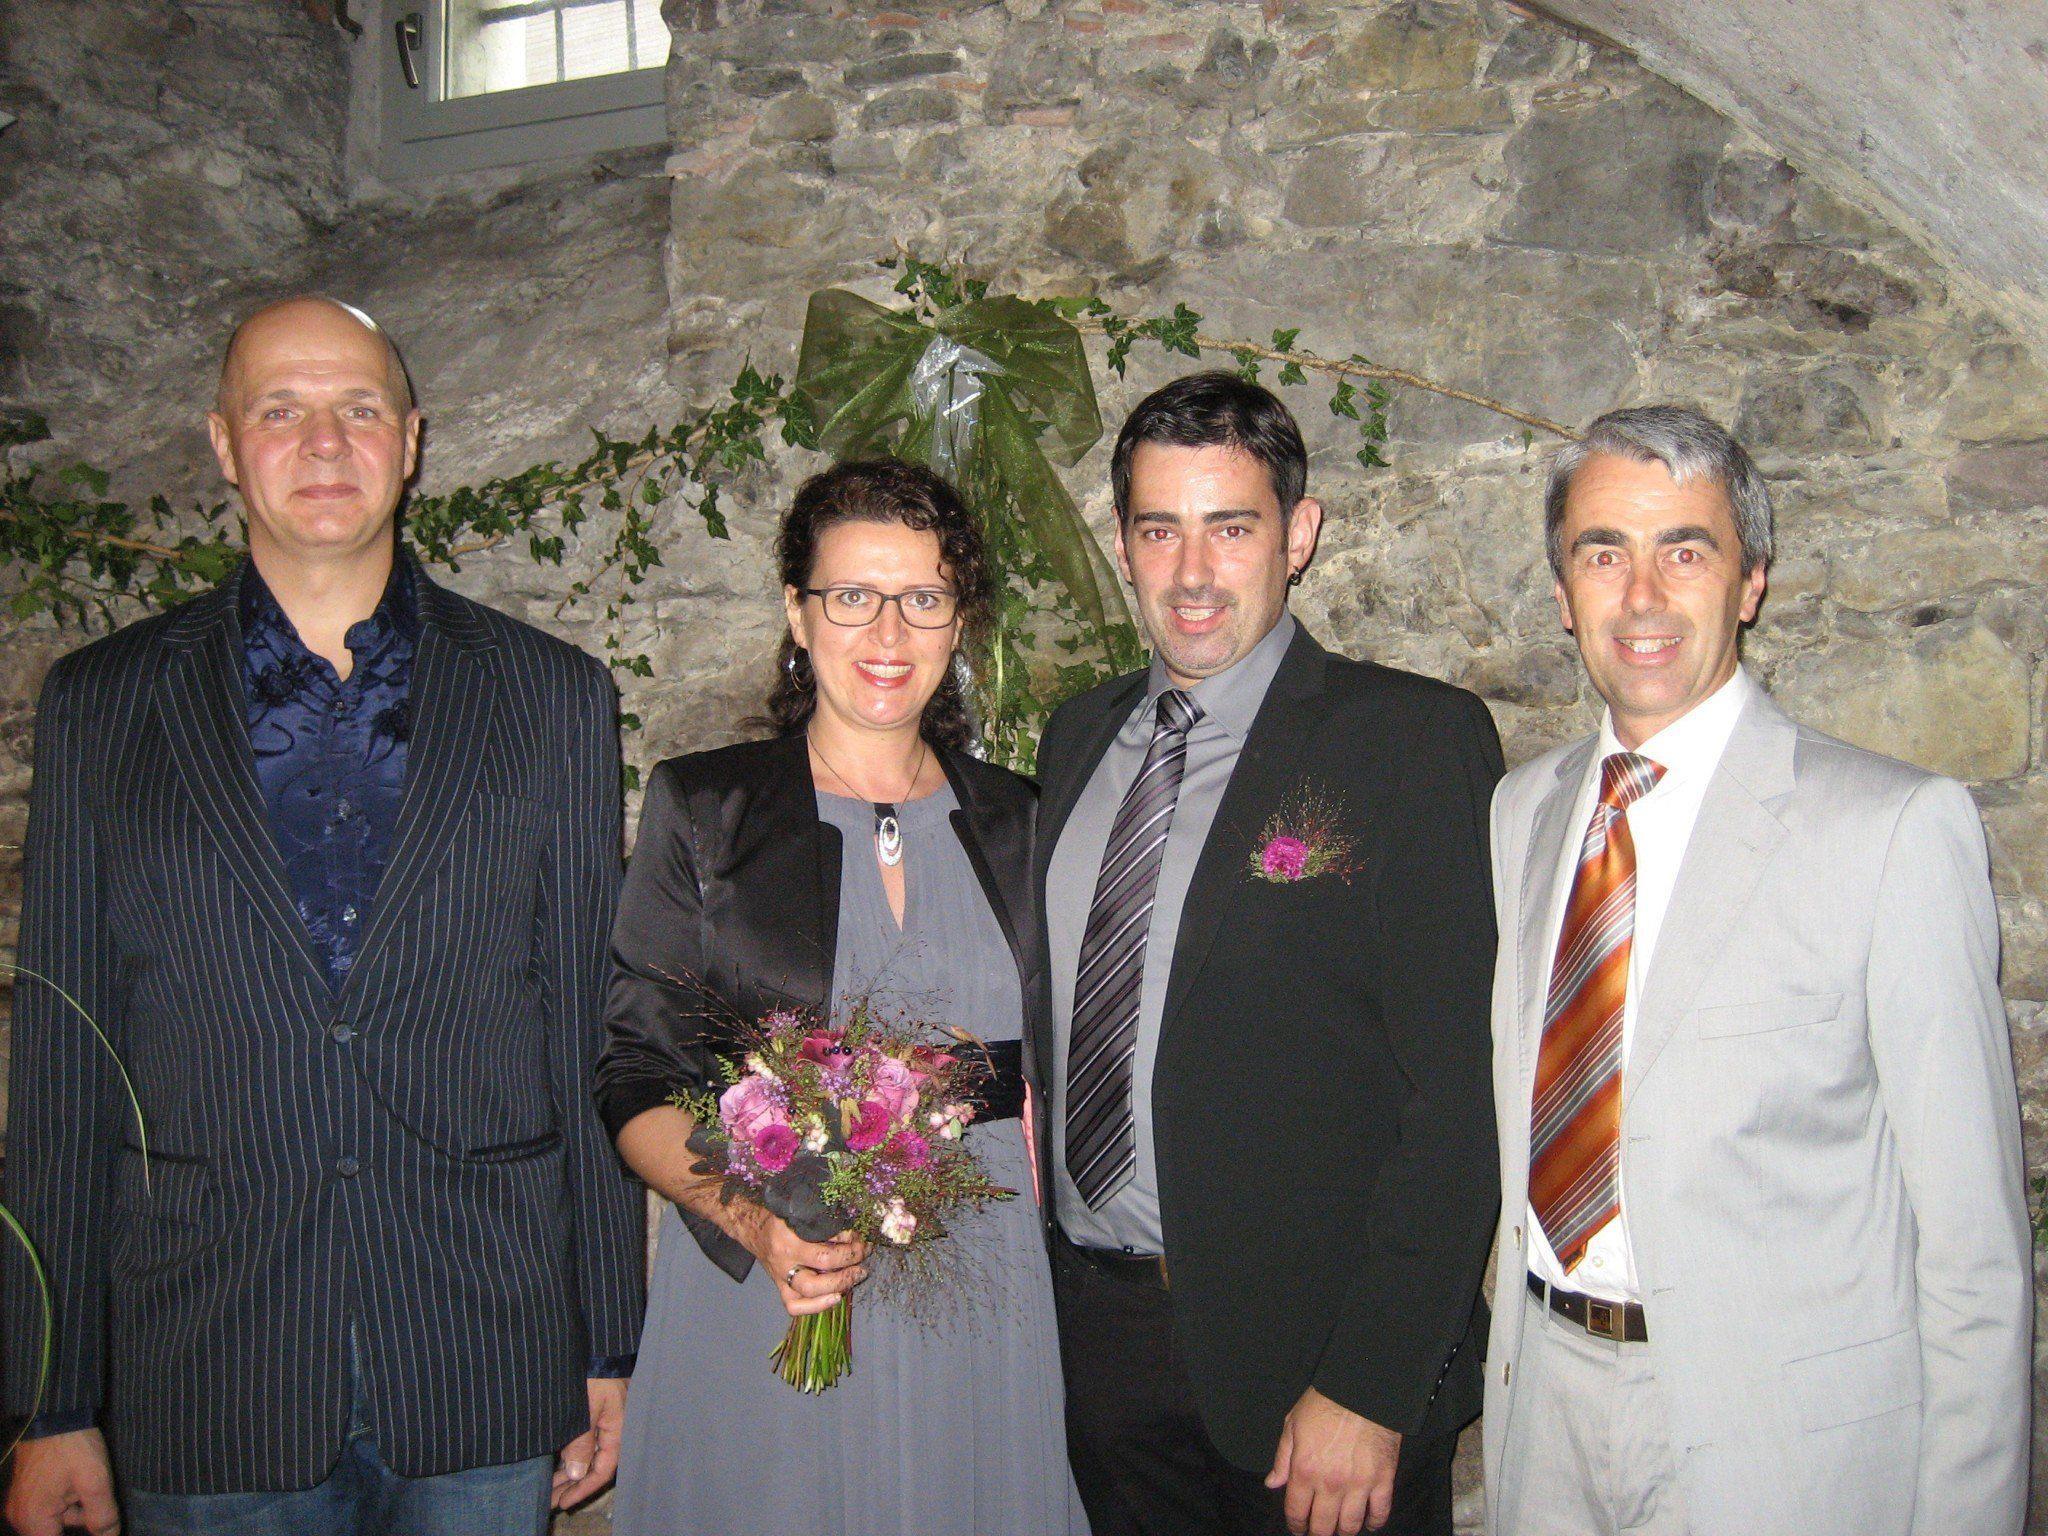 Iris Penz und Martin Burtscher haben geheiratet.